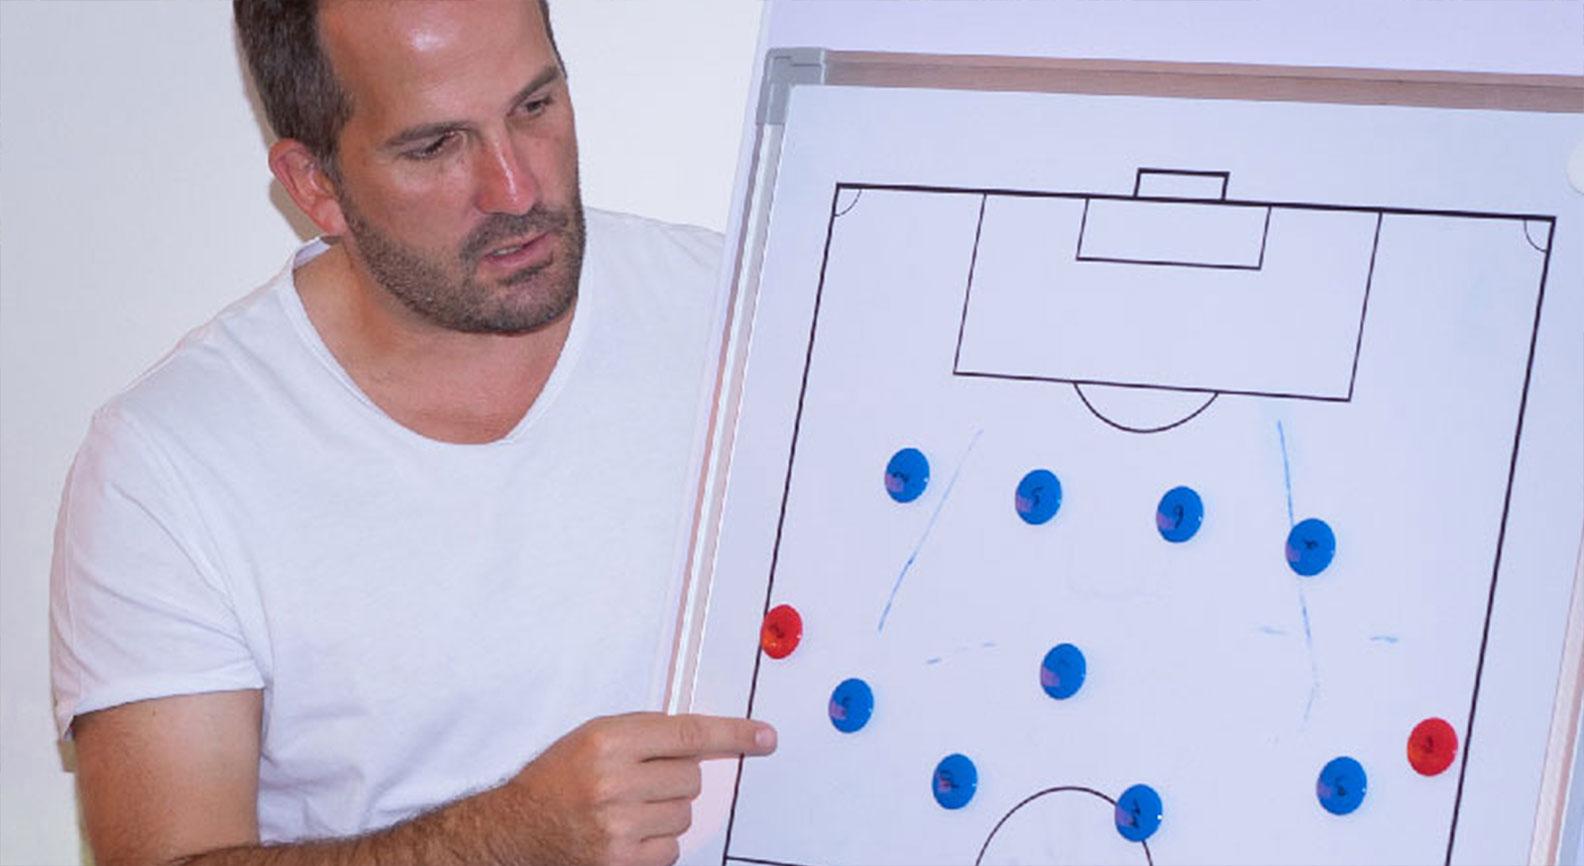 Mann analysiert Spielplan auf Tafel